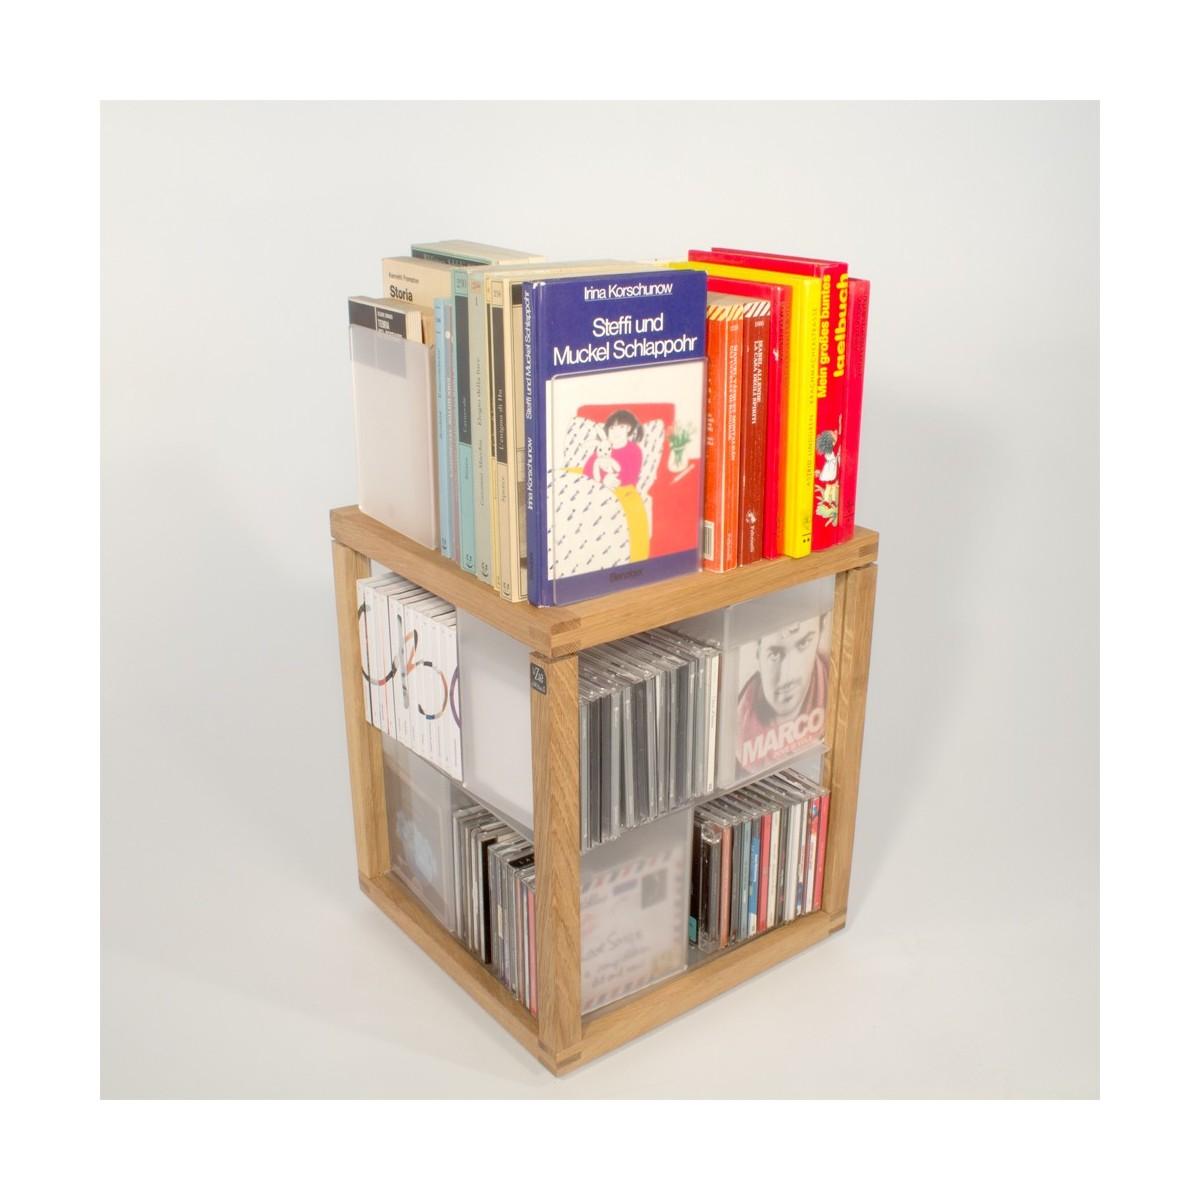 Zia babele trottola porta cd a colonna in legno e acrilico 100 cd - Porta cd design ...